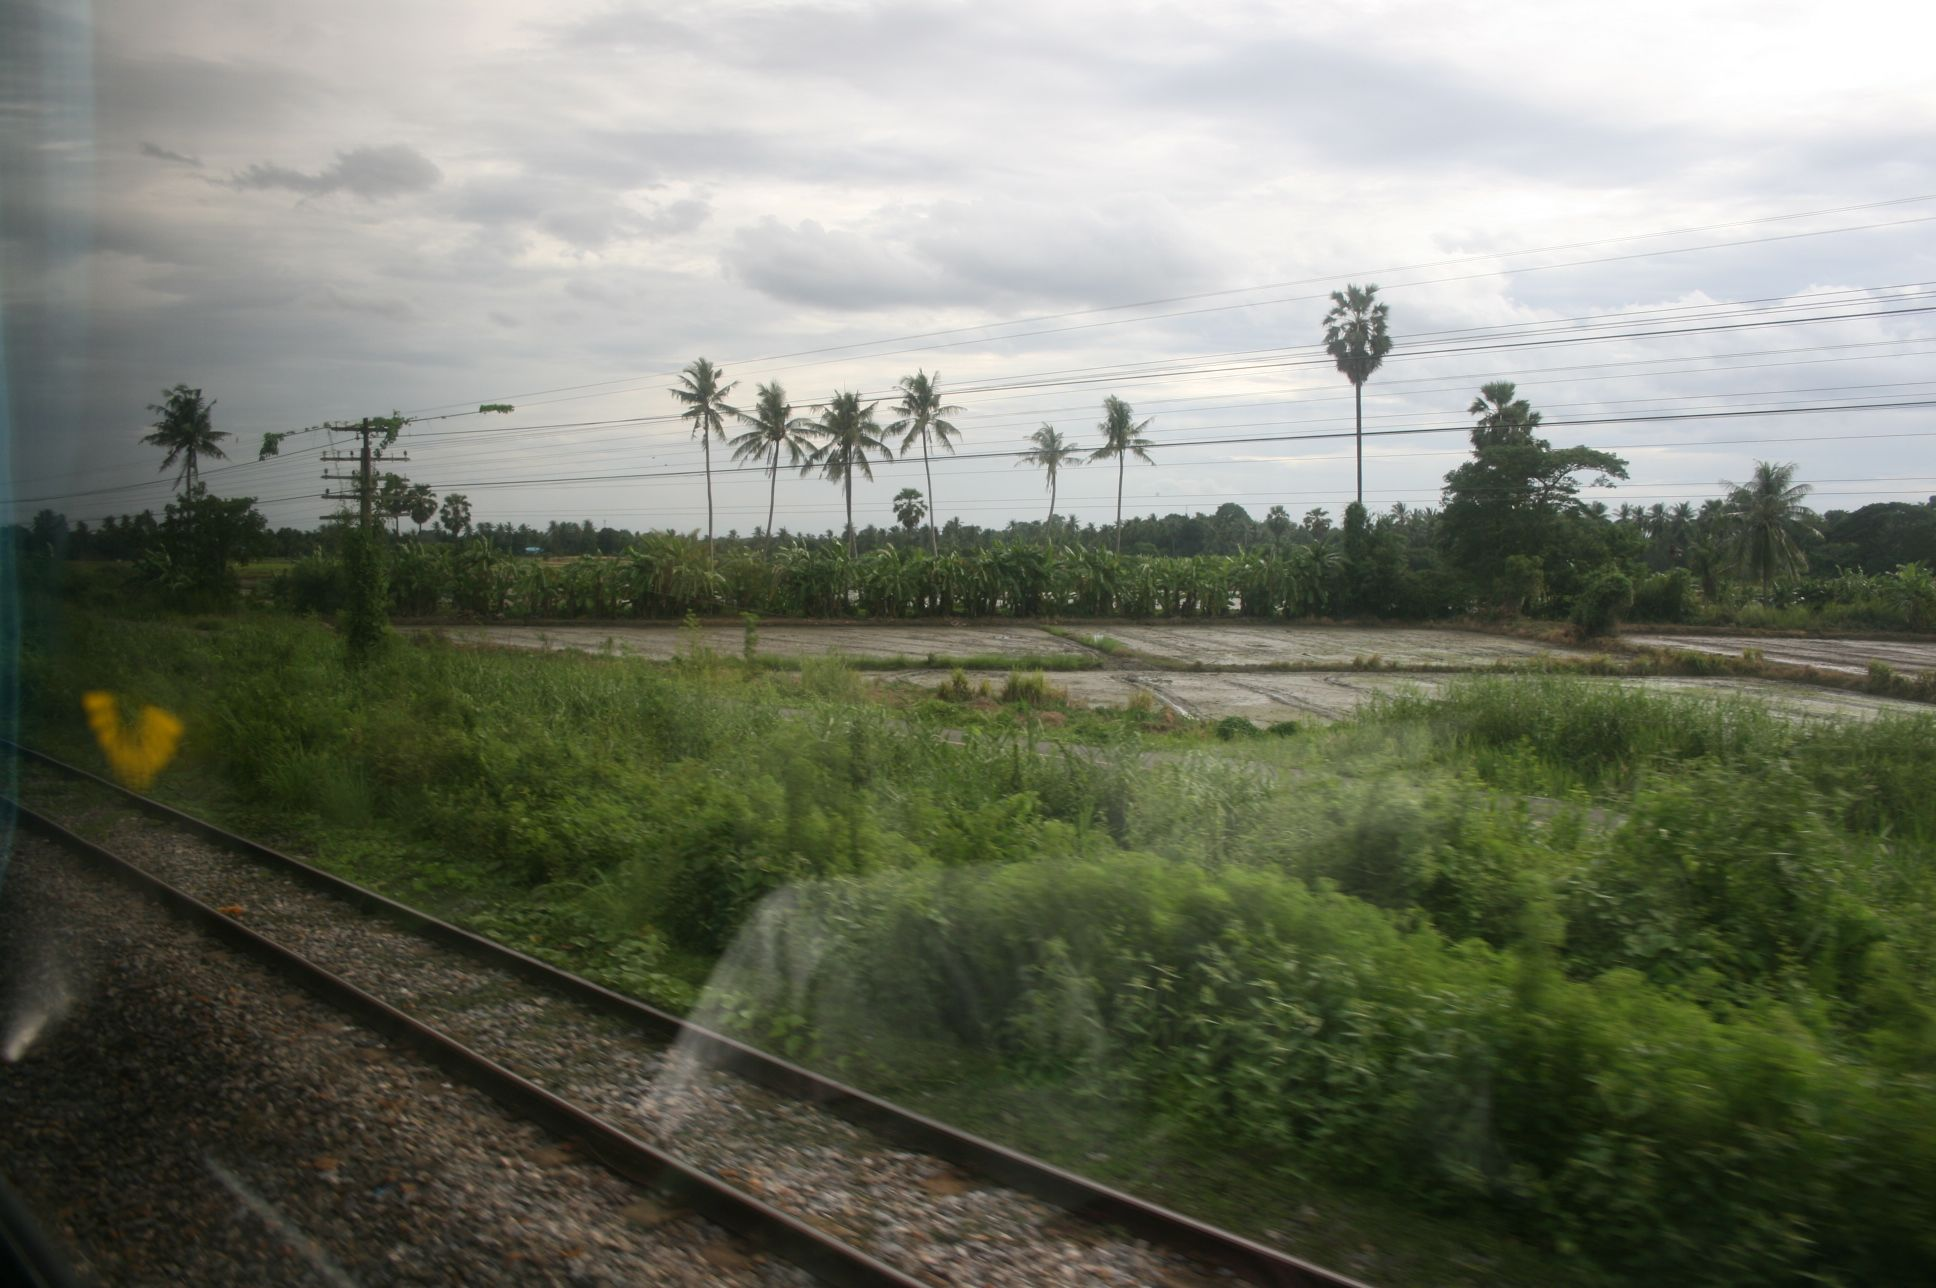 バンコクからペナンまで 車窓より train ride from Bangkok to Penang